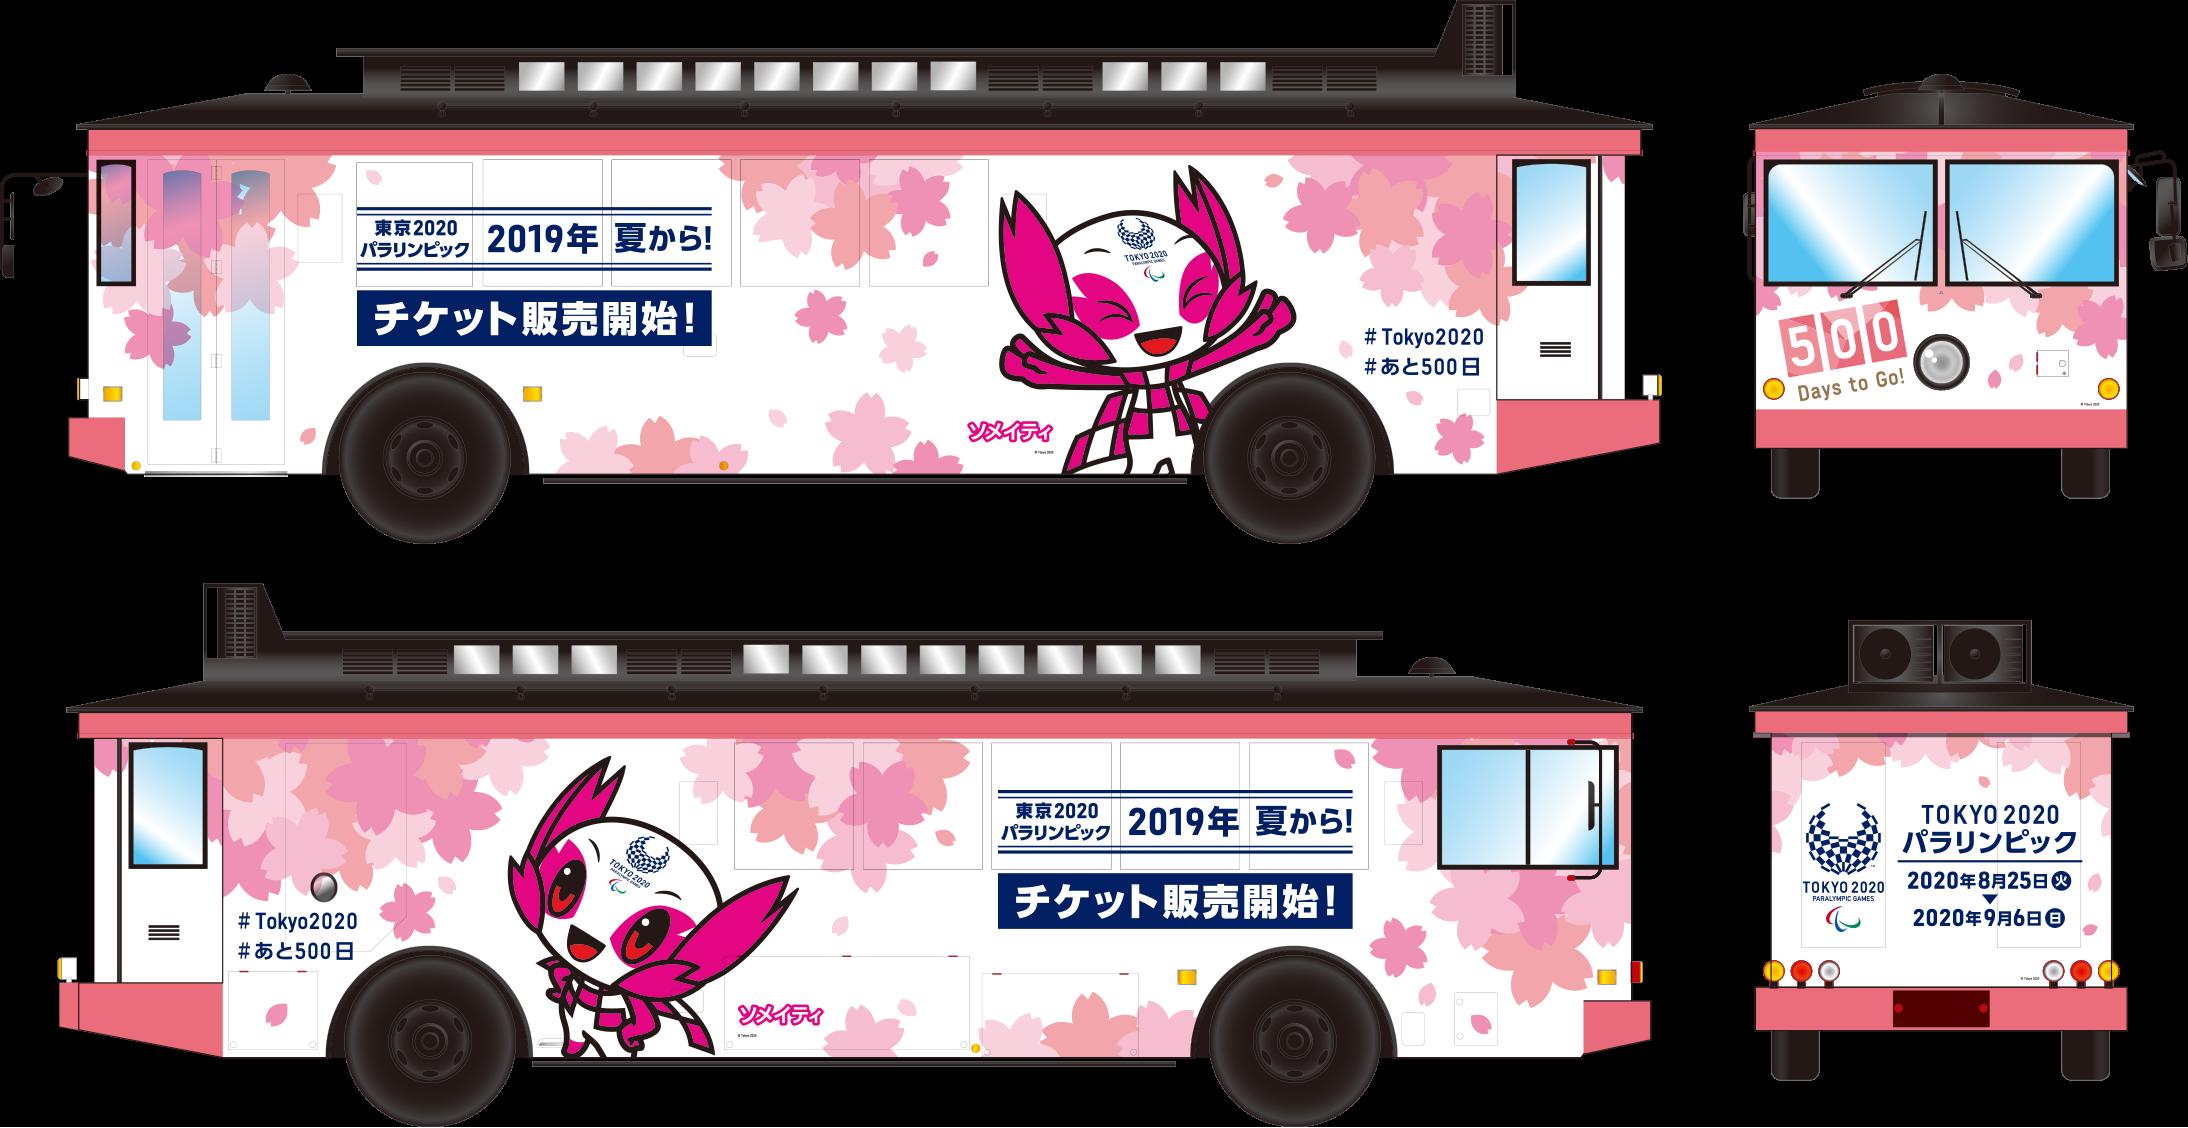 オリジナルラッピングバス「パラリンピック500daysバス」